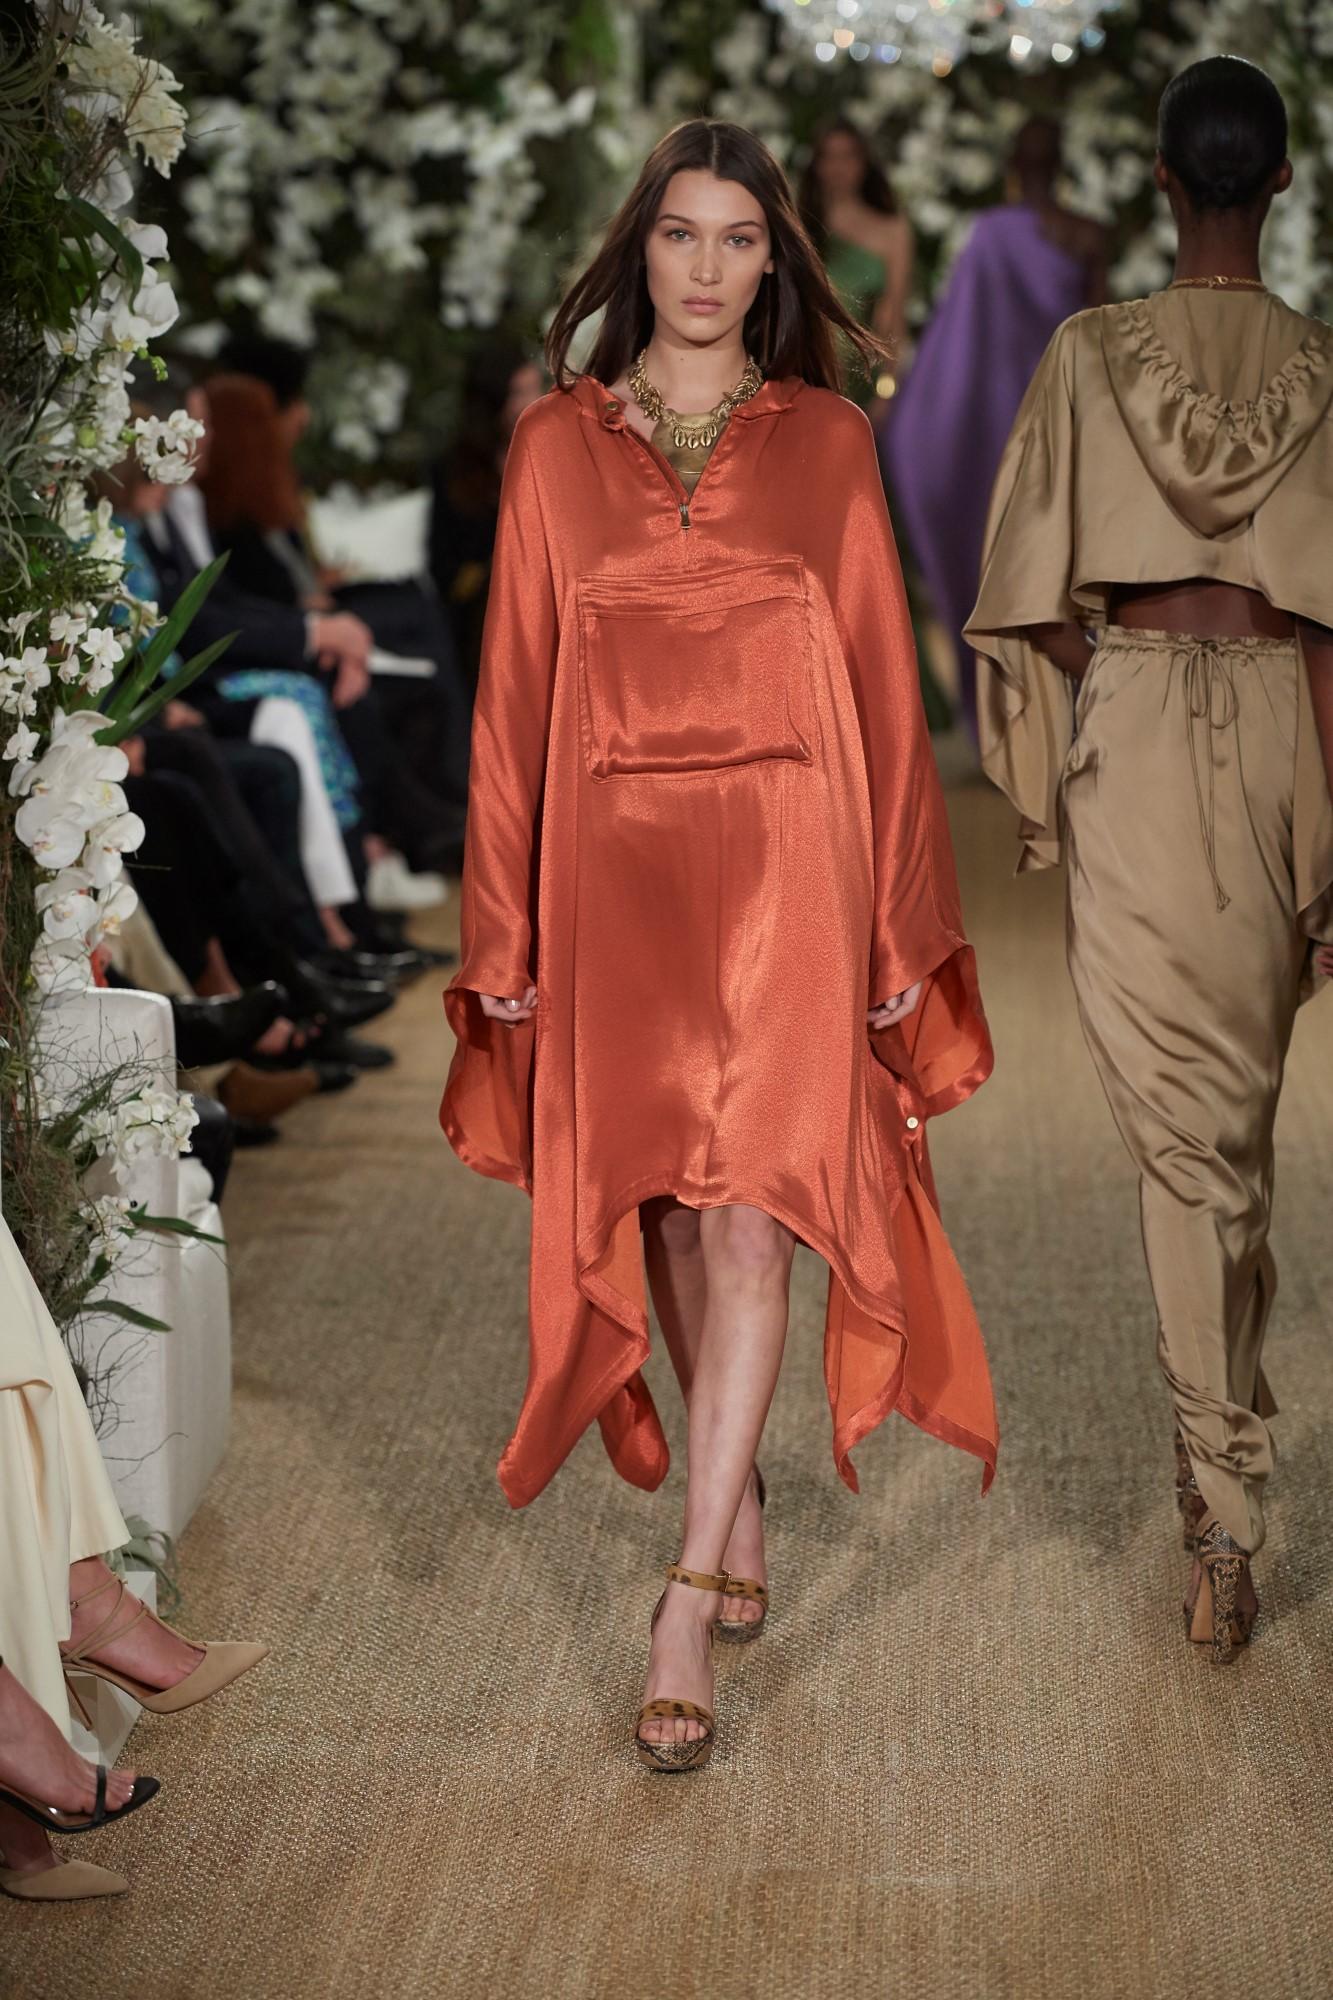 """תצוגת האופנה של ראלף לורן בשבוע האופנה בניו יורק פברואר 2017 צילום יחצ חו""""ל"""